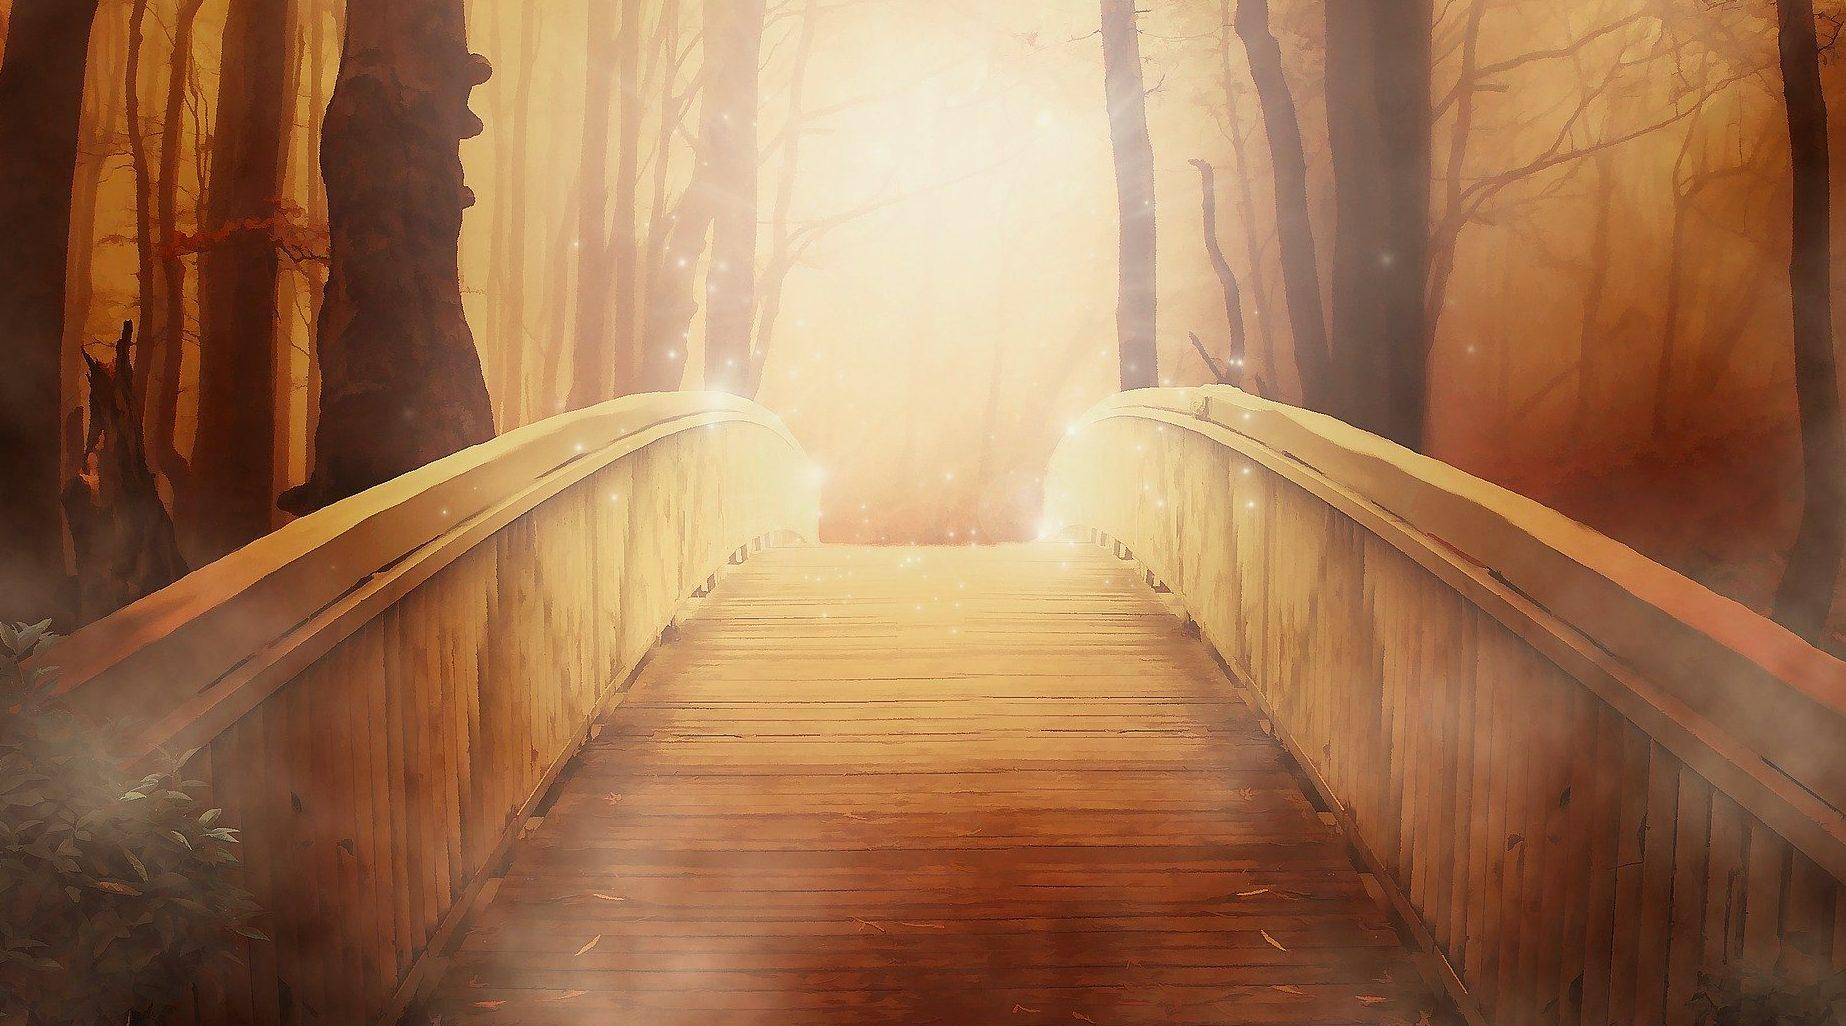 bridge to the next adventure